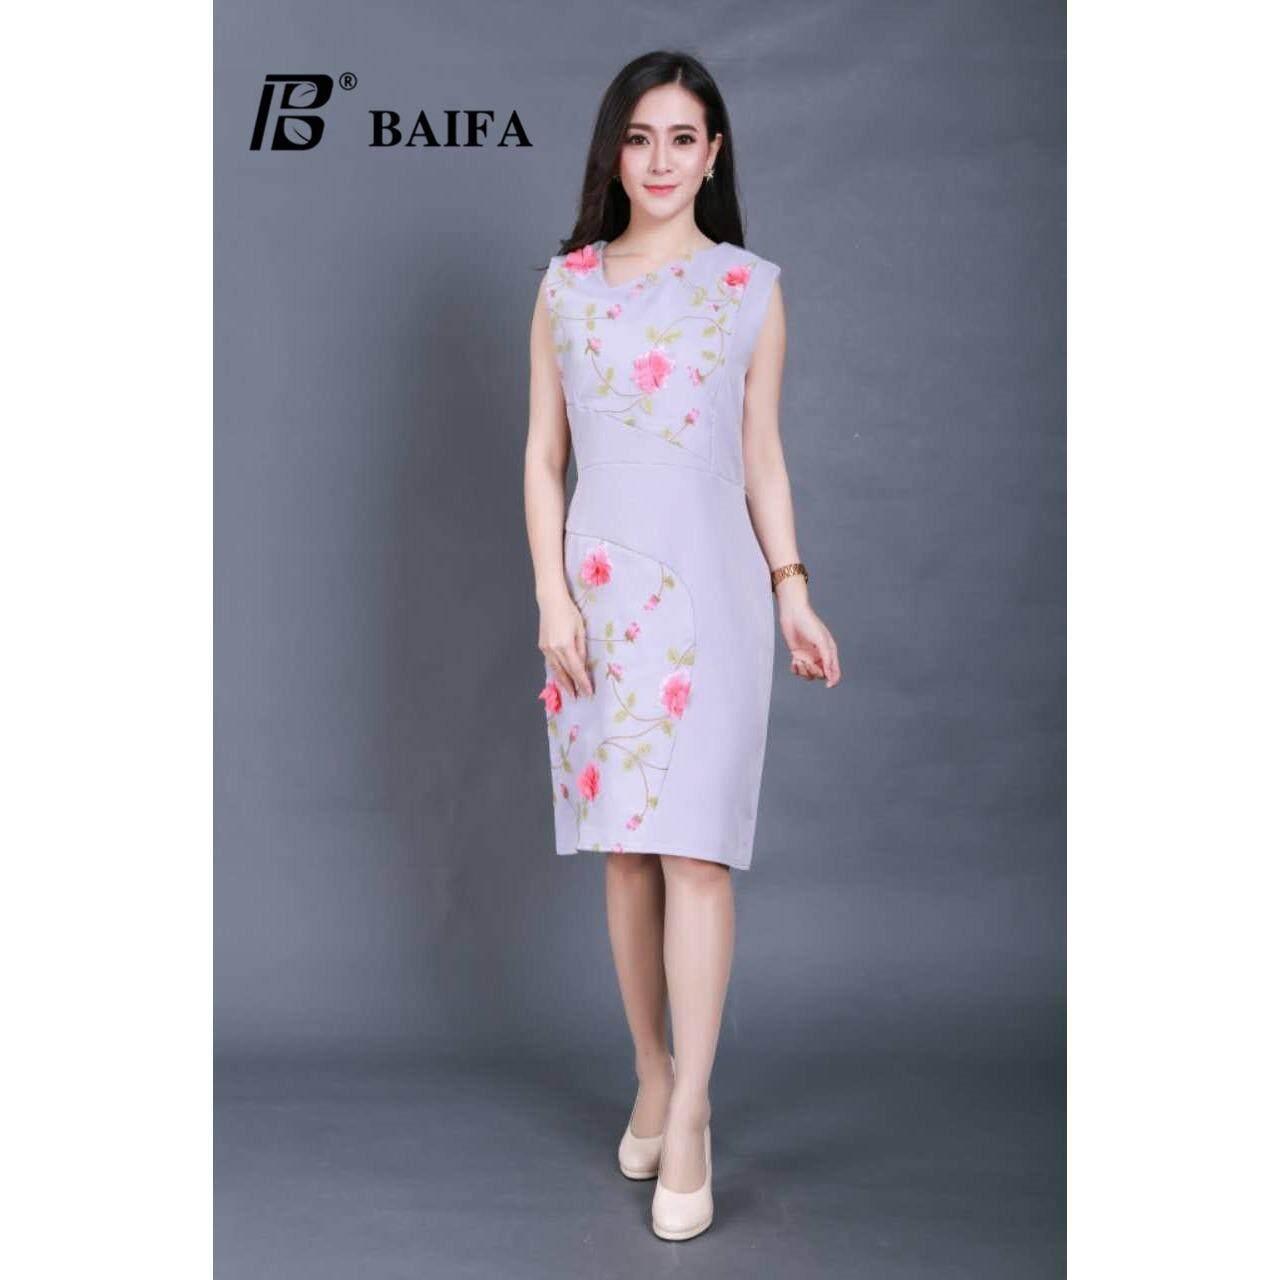 ราคา Fastyleชุดเดรสดำแต่งระบาย แขนสั้นลูกไม้ ทรงสลิมเข้ารูป รักเลย รุ่น3301 Baifa เป็นต้นฉบับ